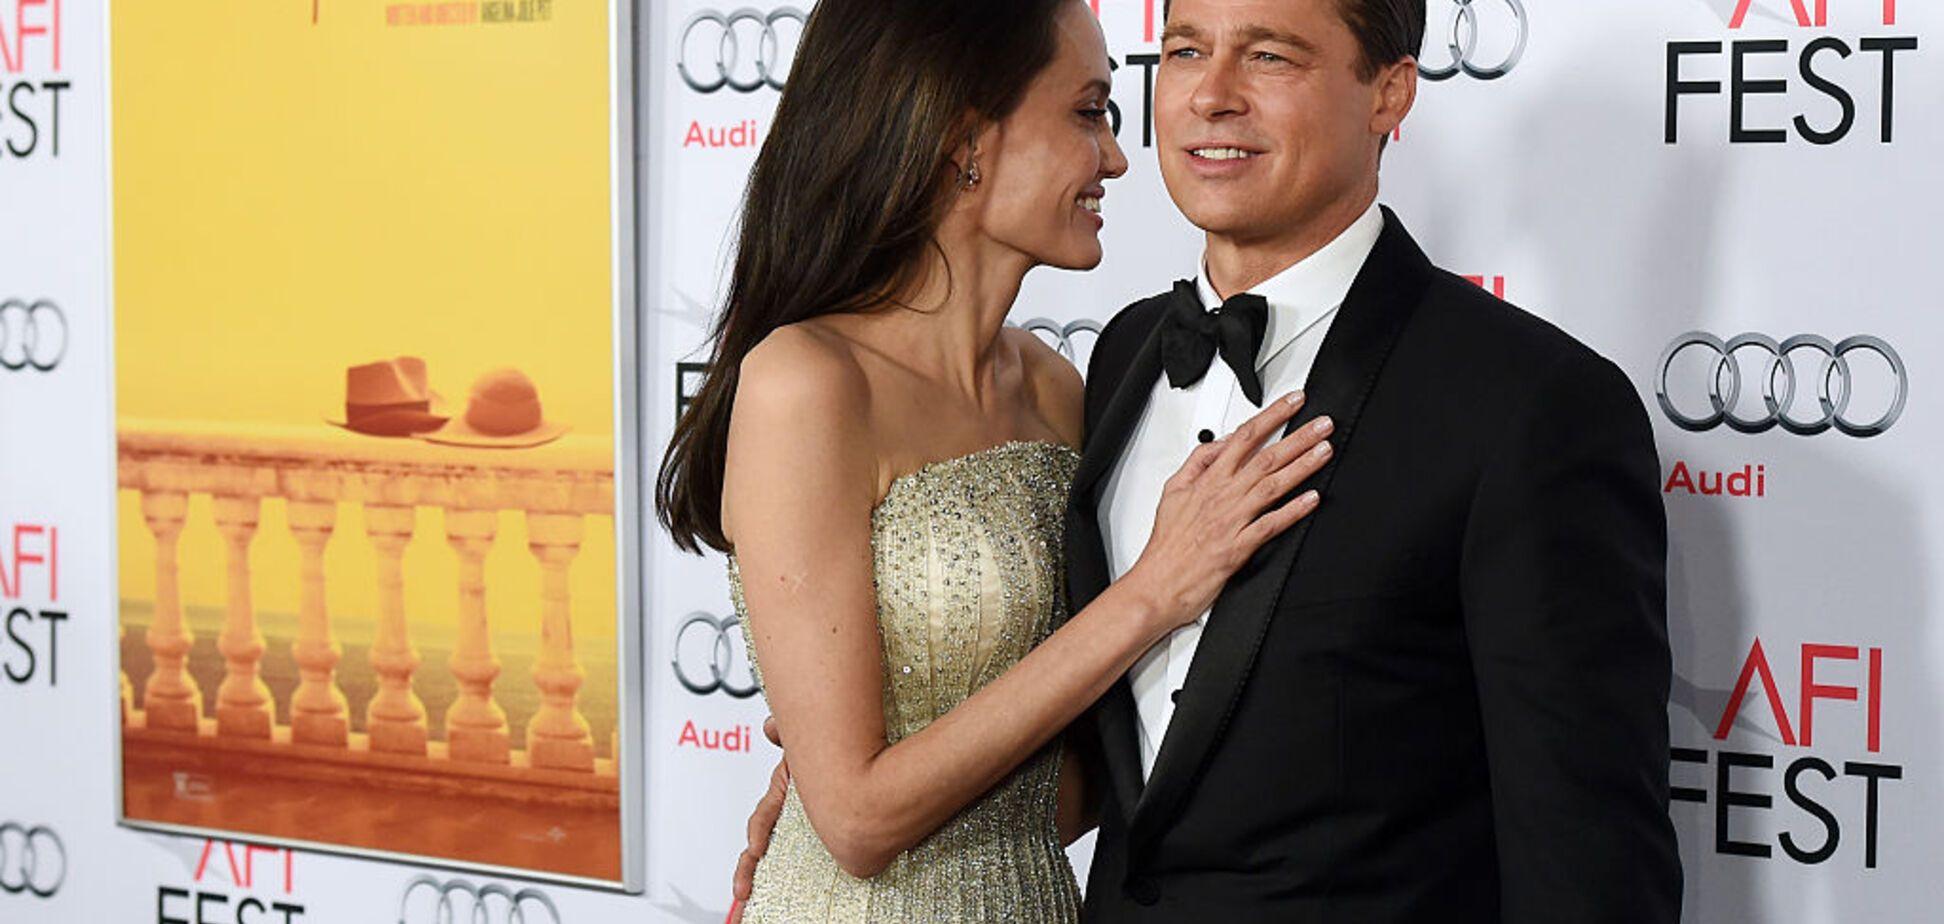 'Все, що вона хотіла': Джолі та Пітт більше не думають про розлучення, актори можуть знову зійтися